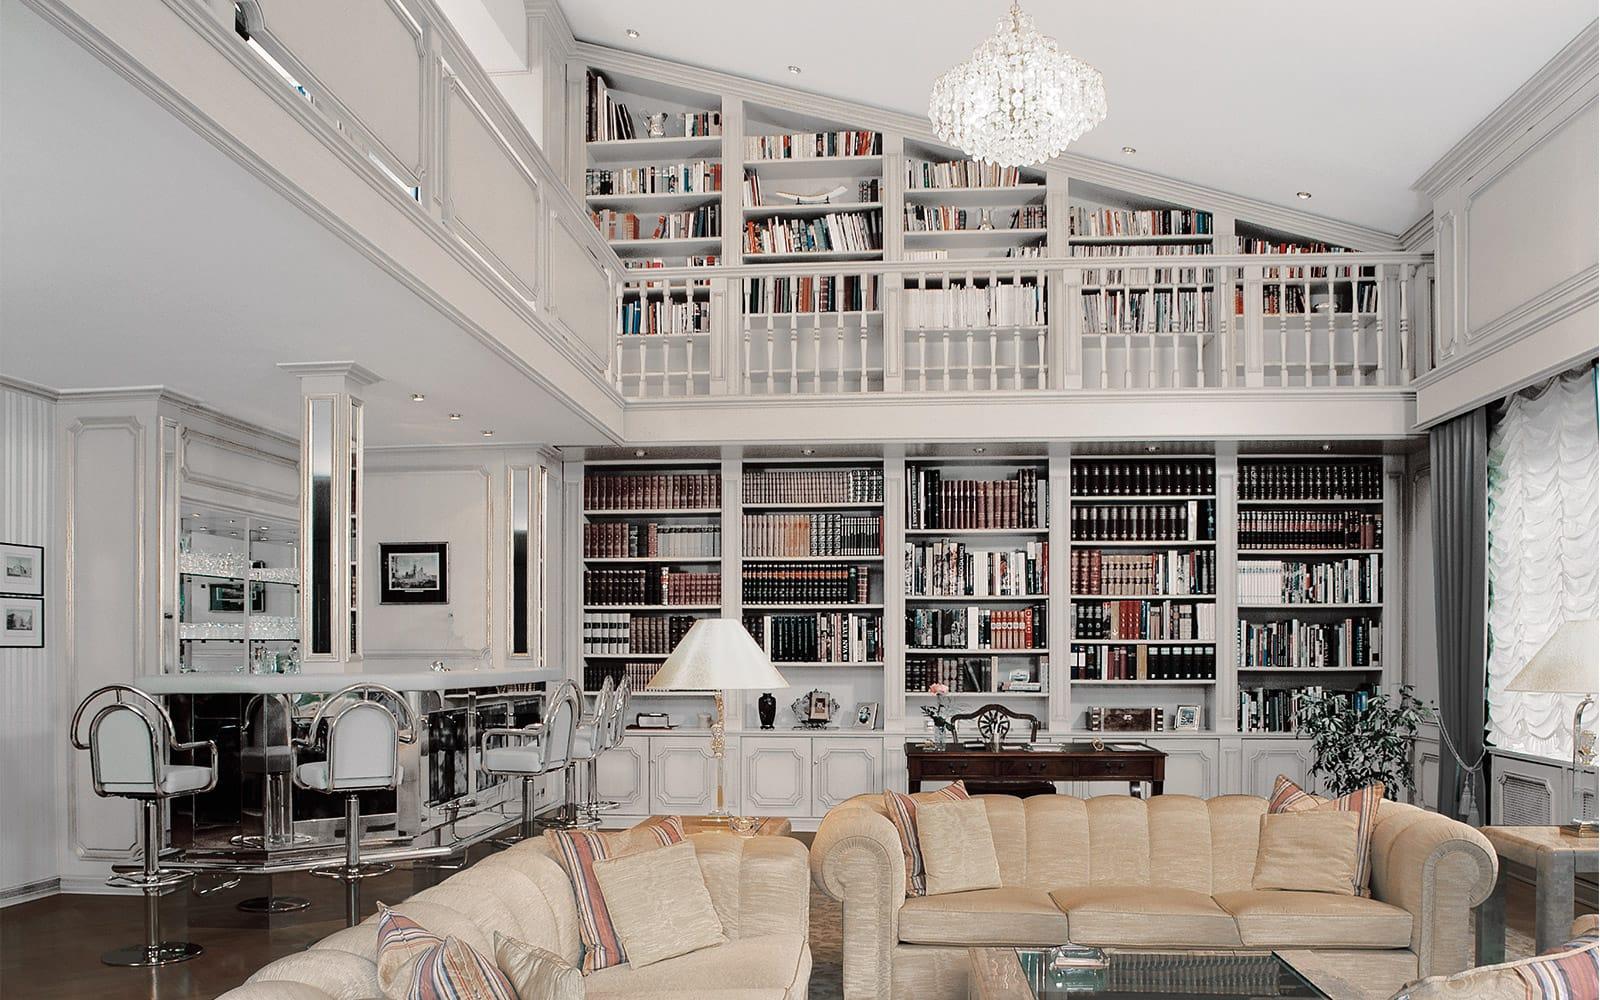 Polstermöbel Bielefeld exklusive individuelle möbel jetzt trüggelmann entdecken